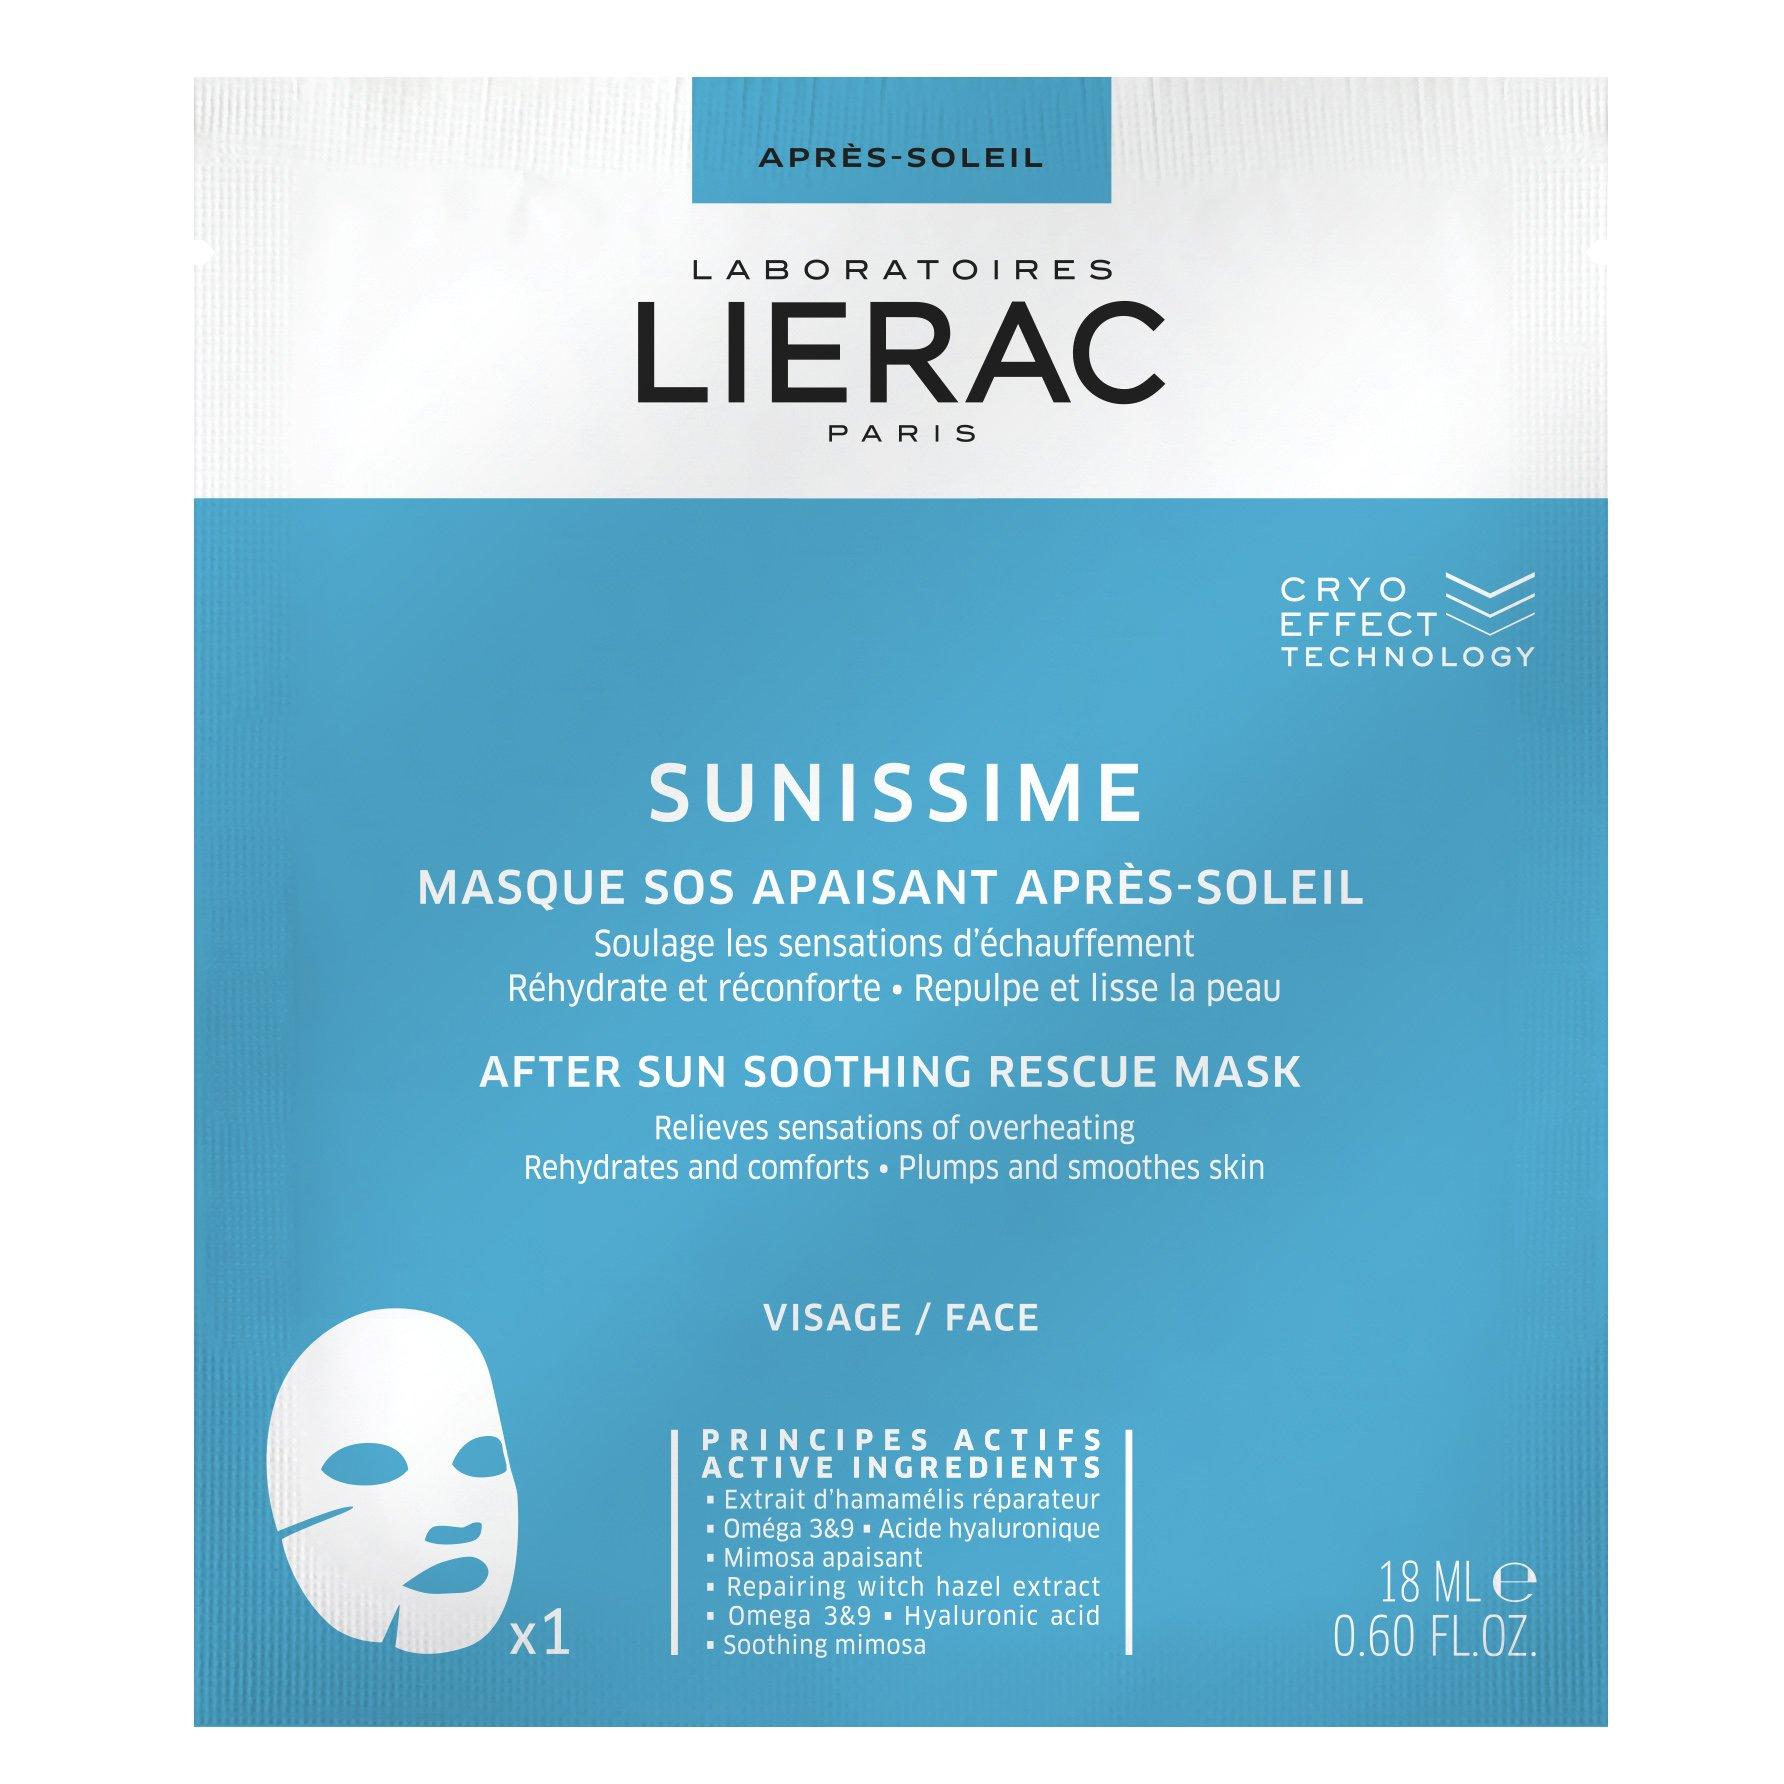 Lierac Sunissime After Sun Soothing Rescue Mask Μάσκα Προσώπου με Άμεση Καταπραϋντική Δράση για Μετά τον Ήλιο 18ml